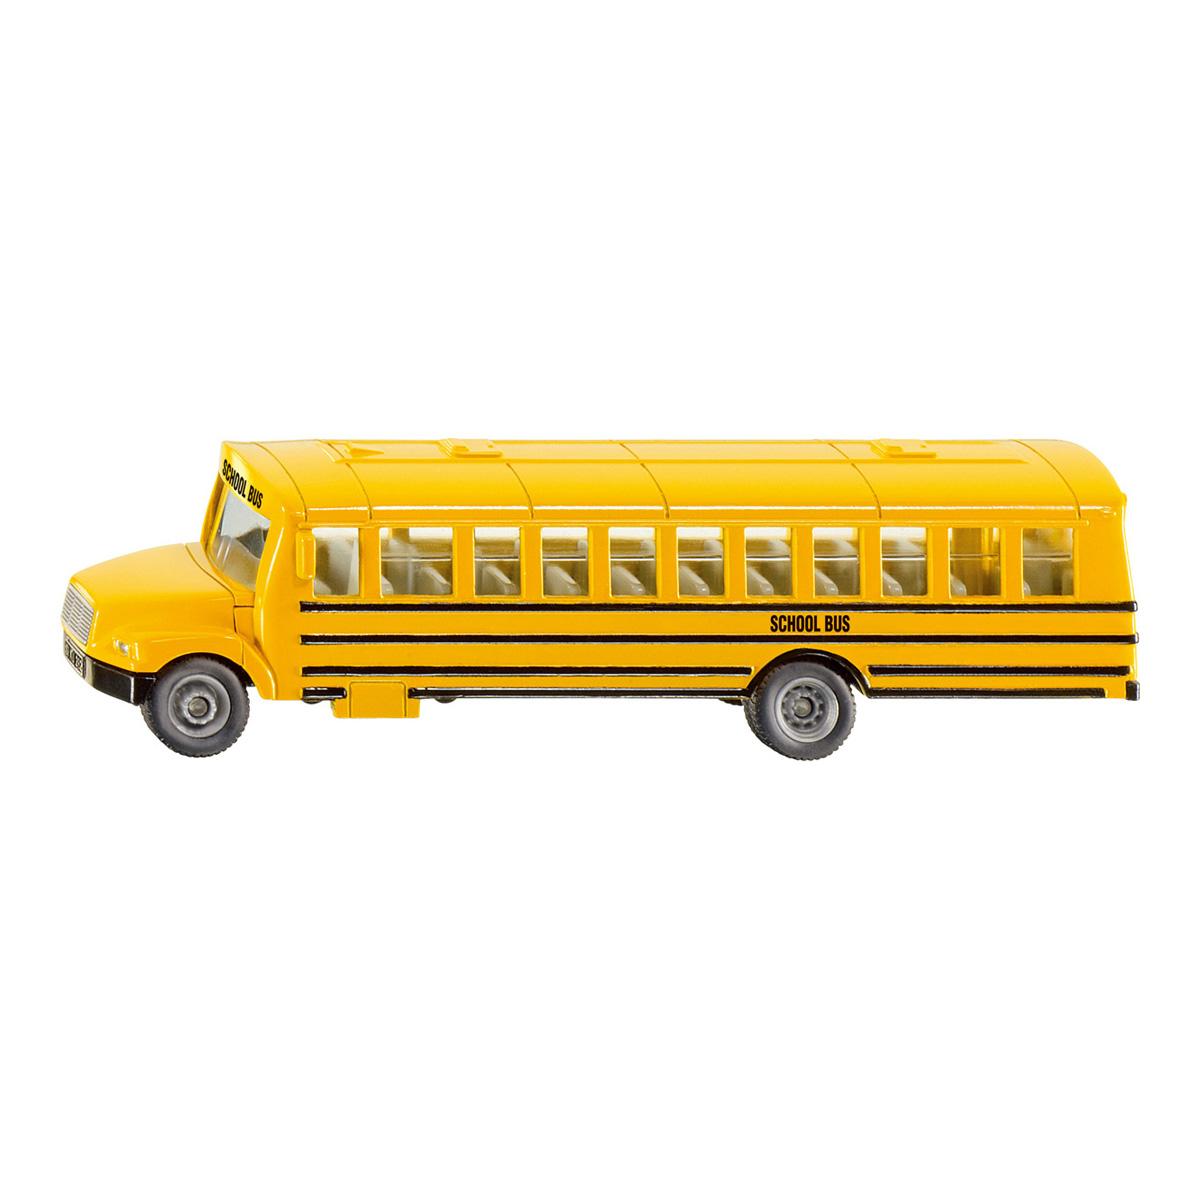 バス・電車・タクシー